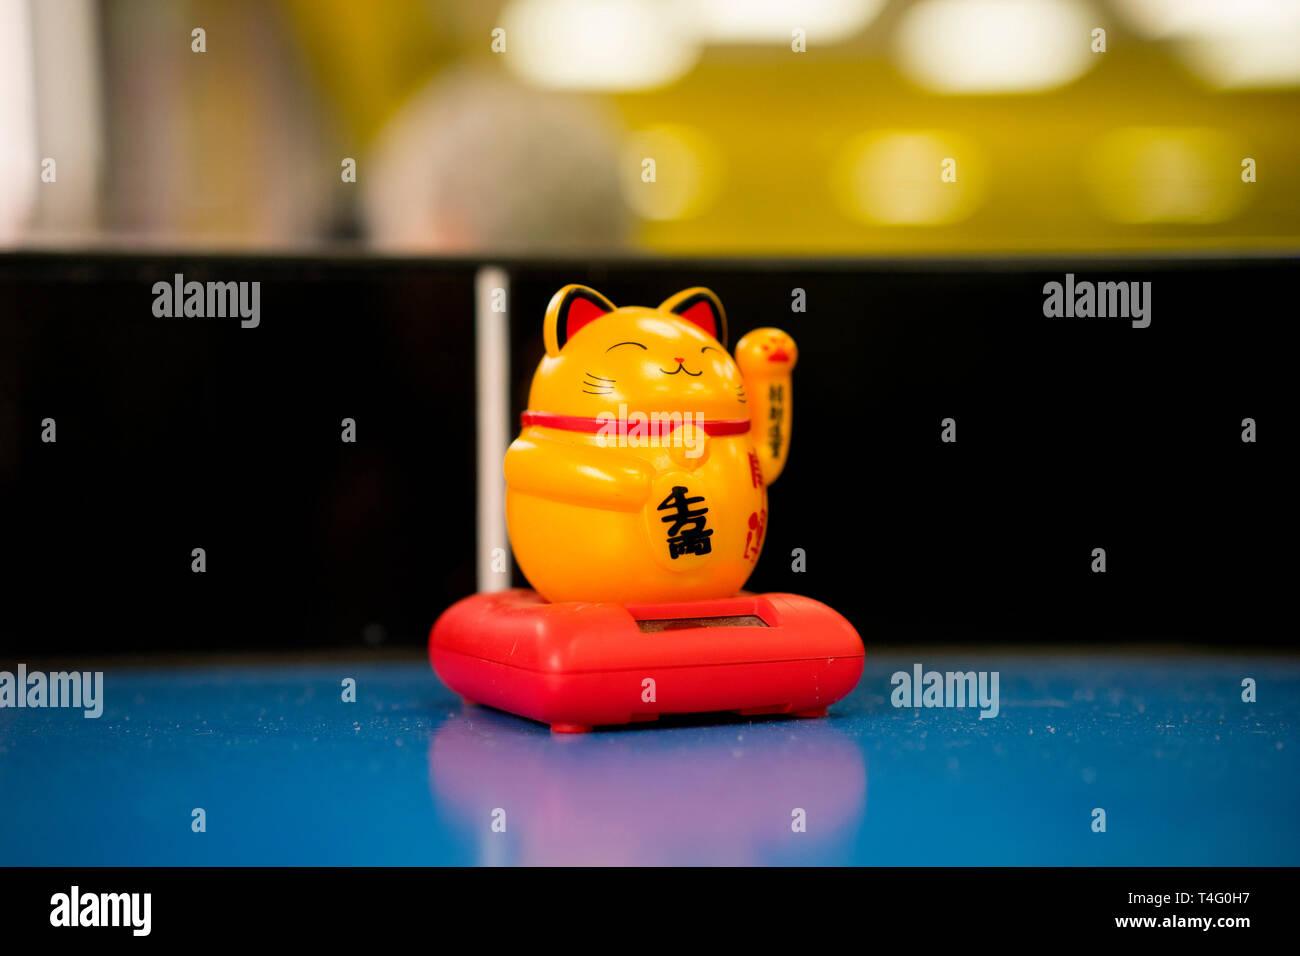 Amuleto chino Foto de stock